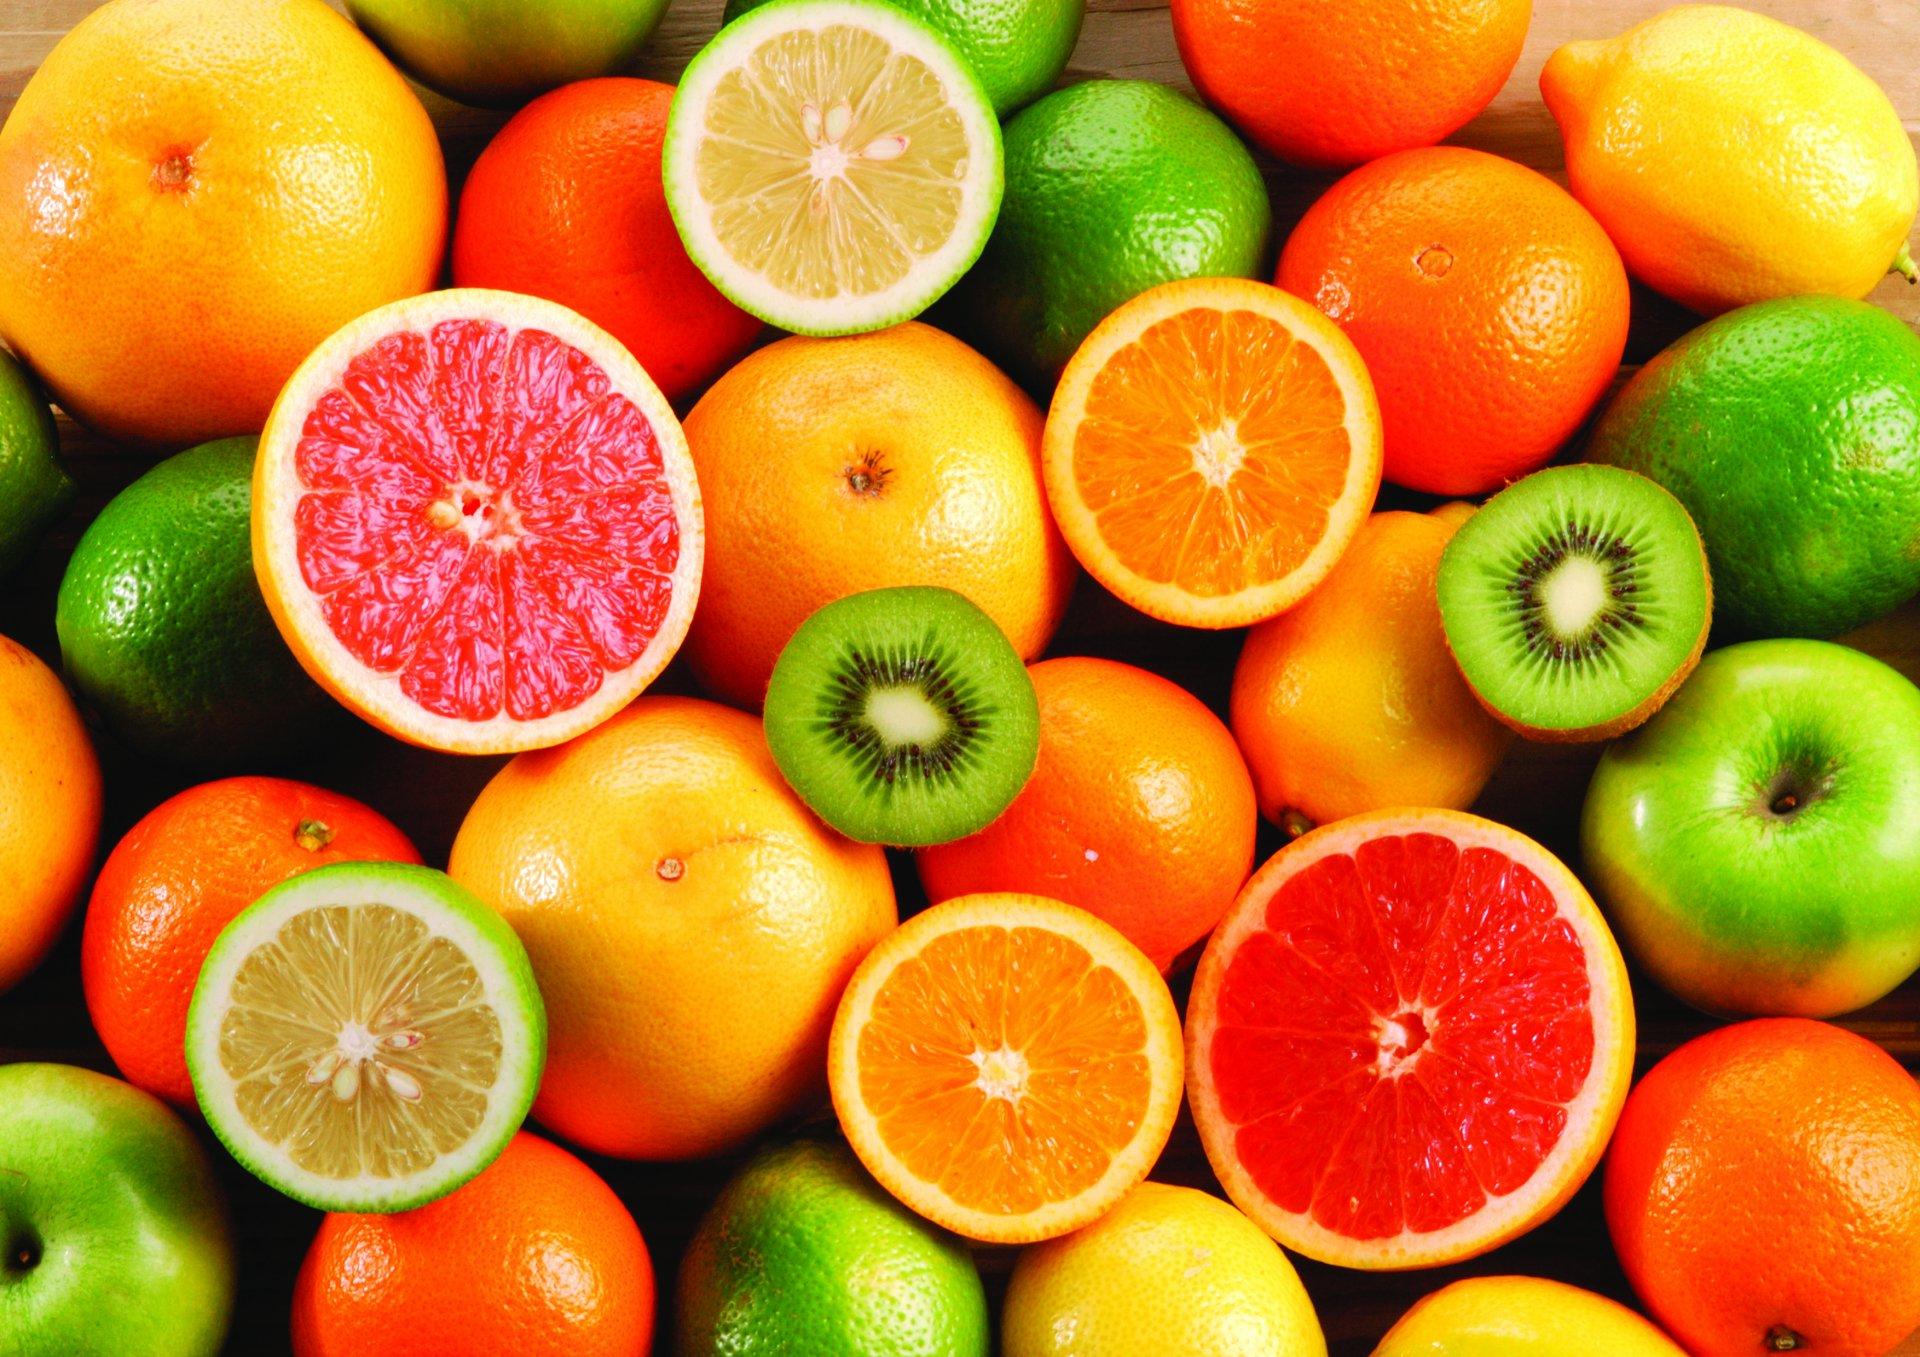 небольшой красивые картинки фруктов на телефон на весь экран гости зашли